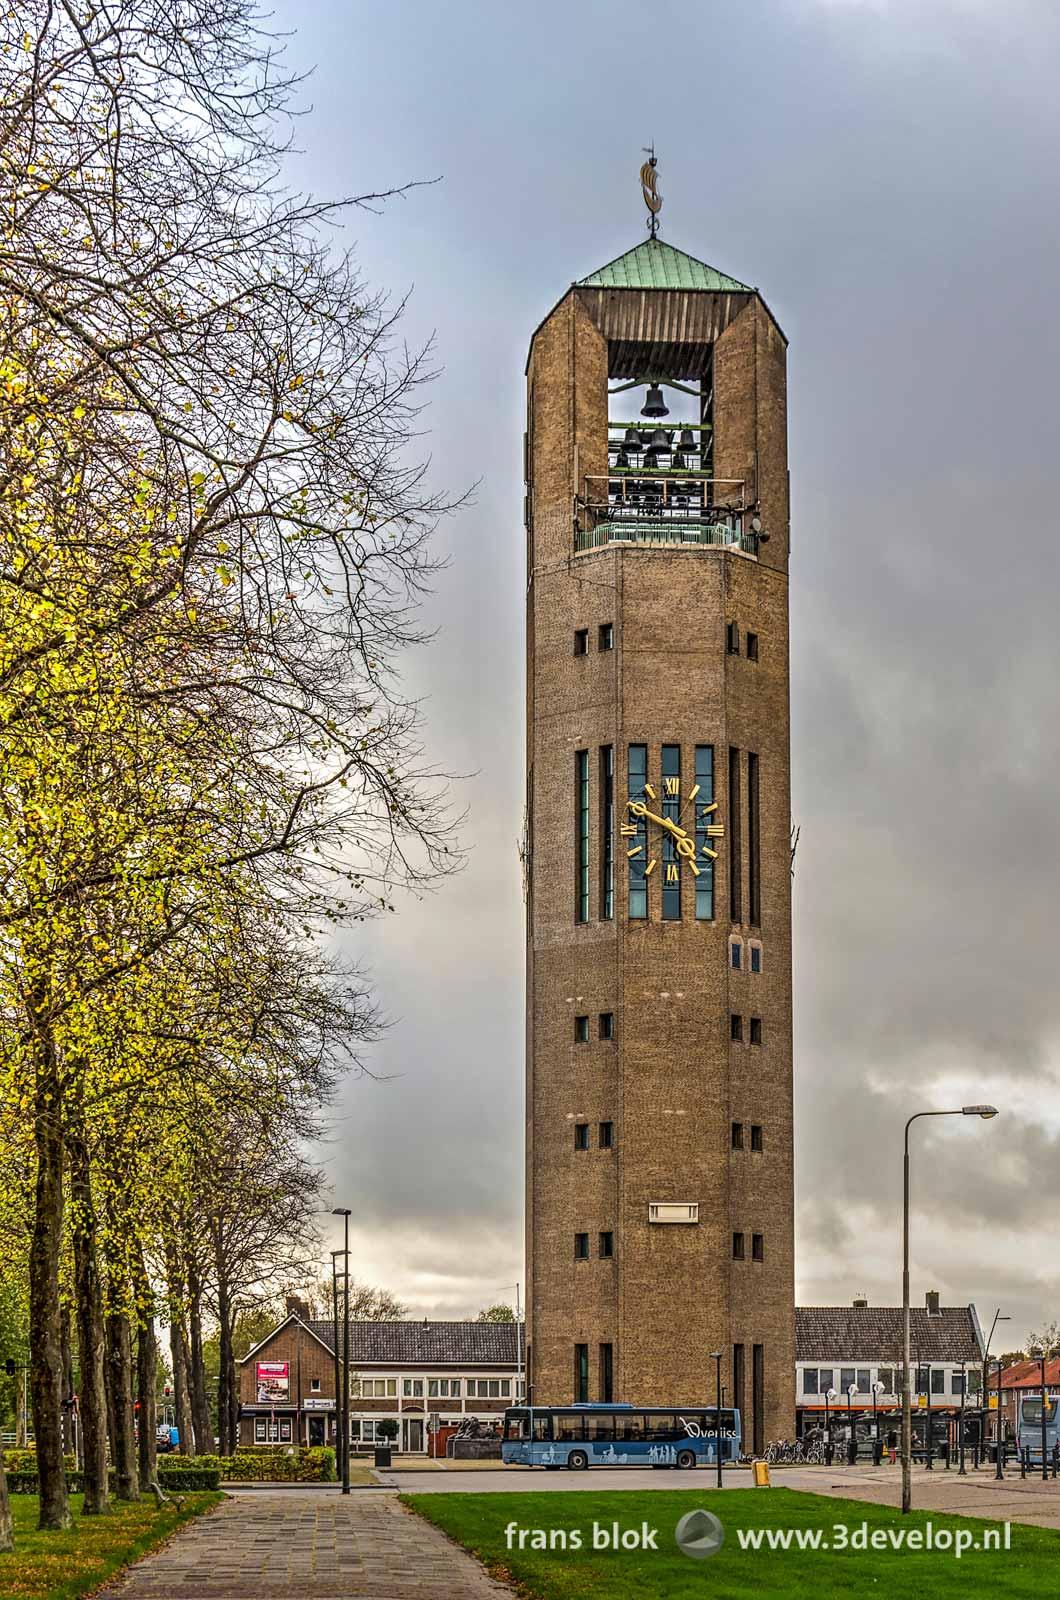 Rijksmonument de Poldertoren, met carillon en klok, bij het busstation in Emmeloord in de Noordoostpolder